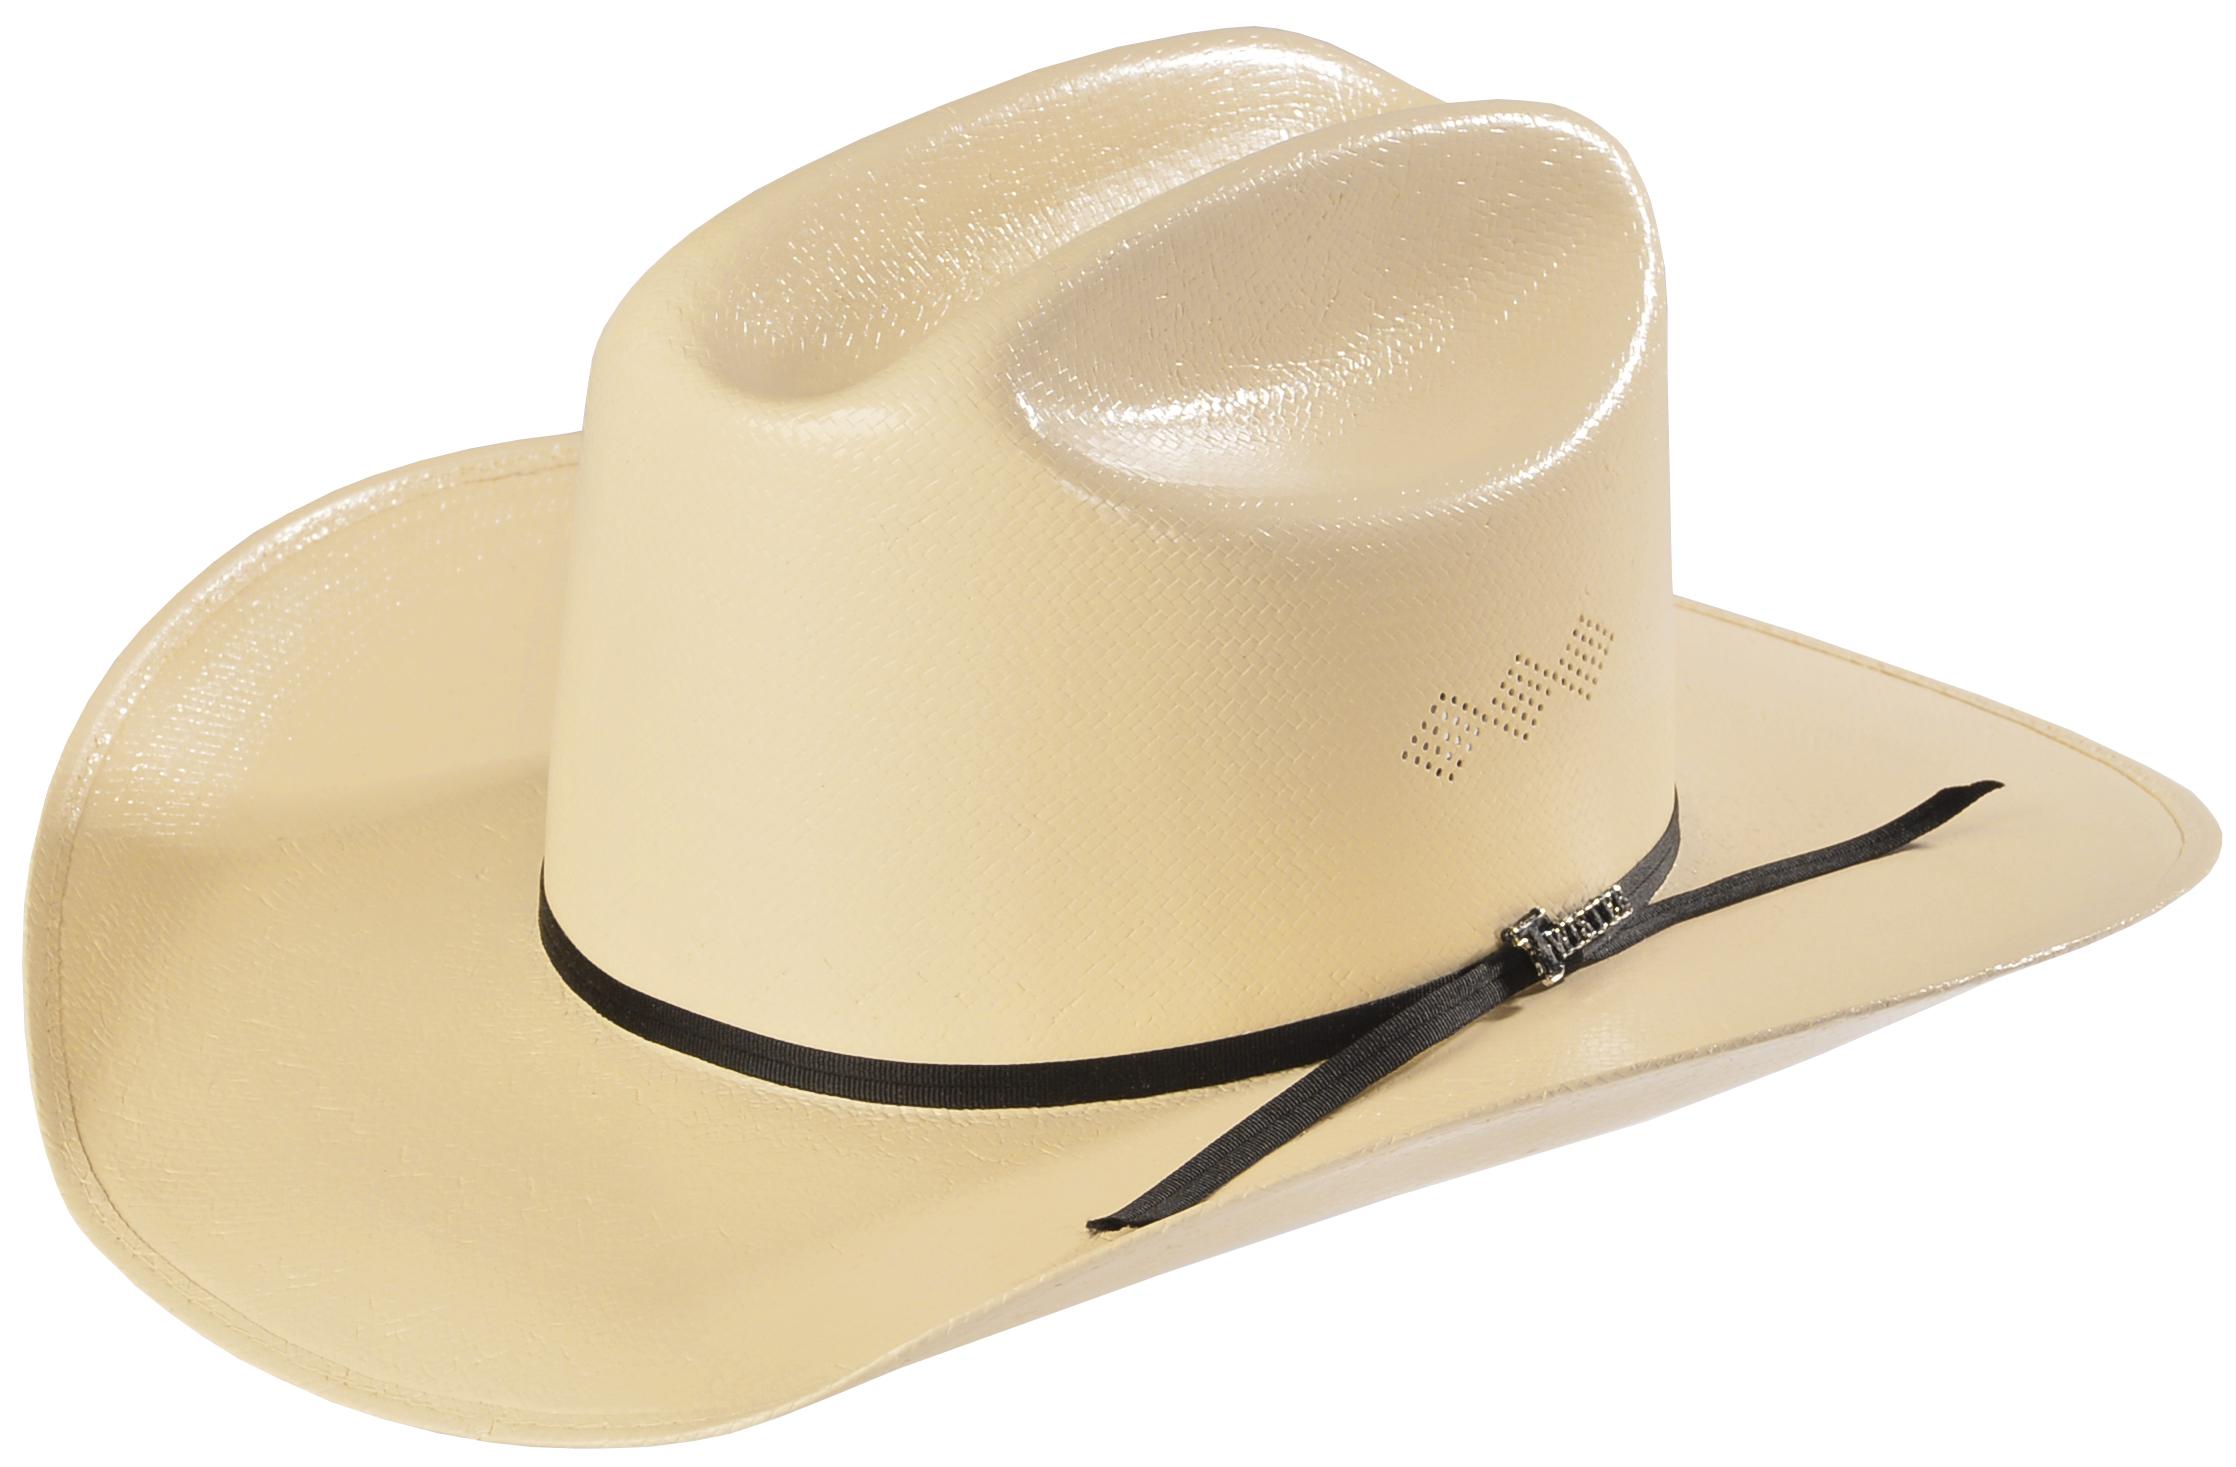 Ladies Straw Cowboy Hats Uk - Parchment N Lead a1530045dbac